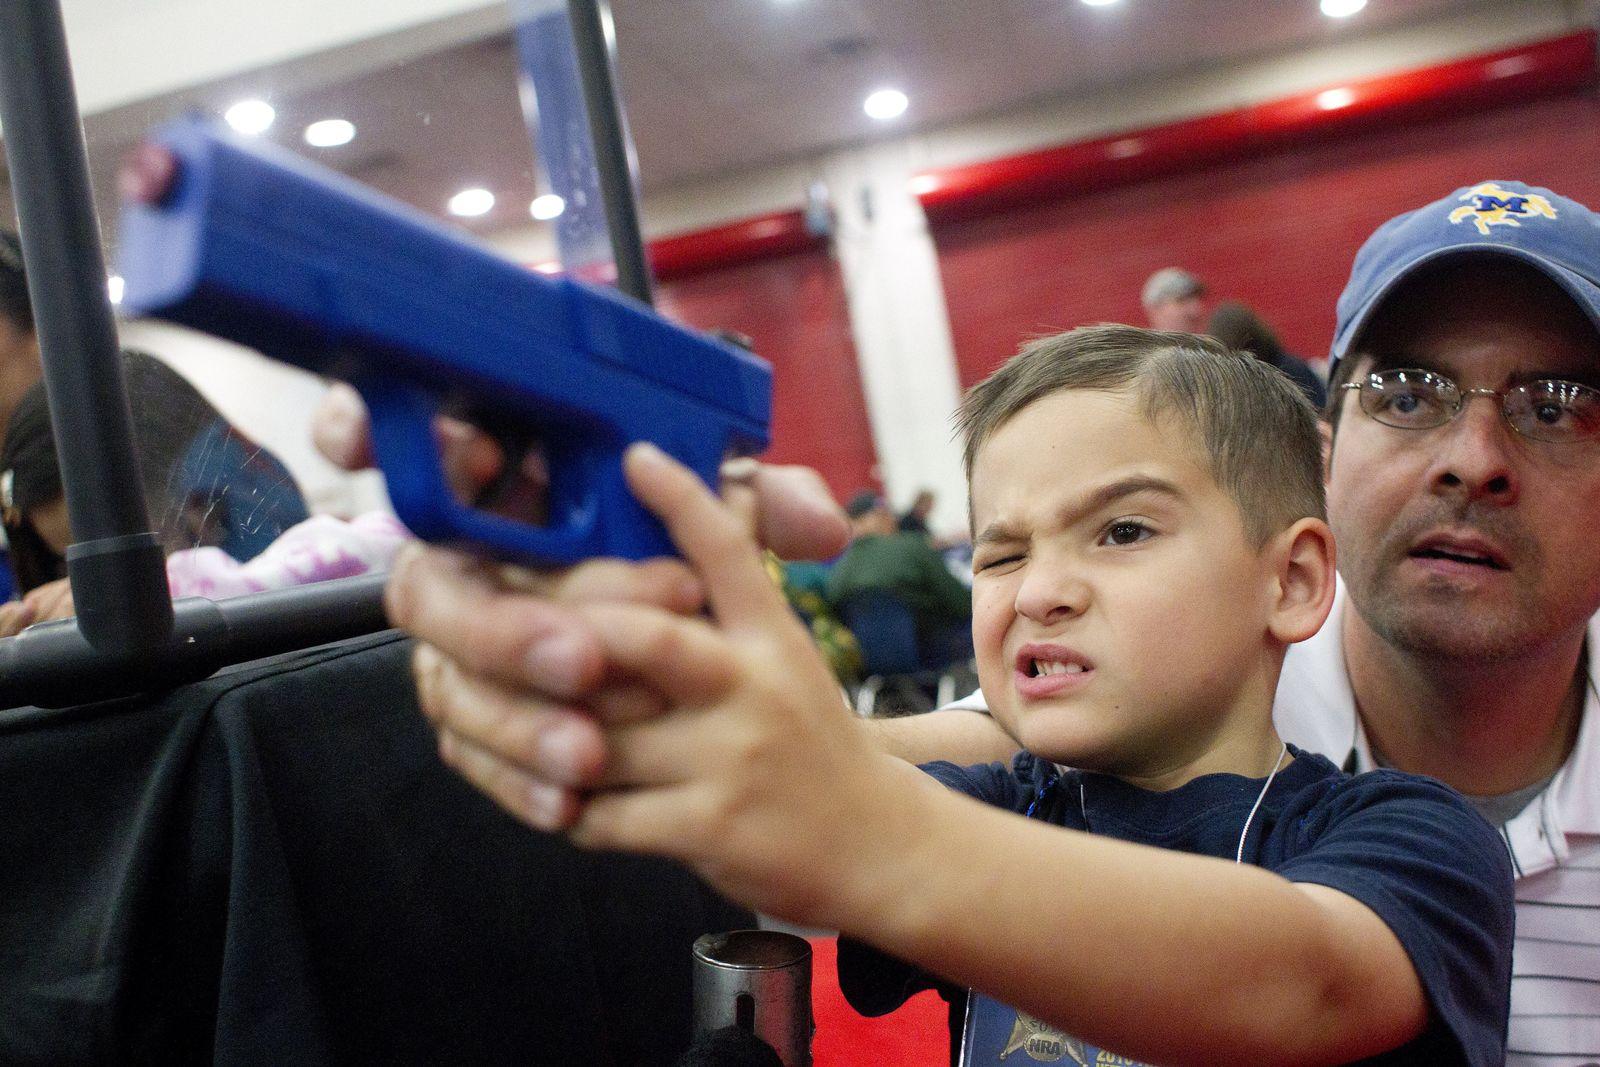 NRA Convention: Vater und Kind mit Waffe